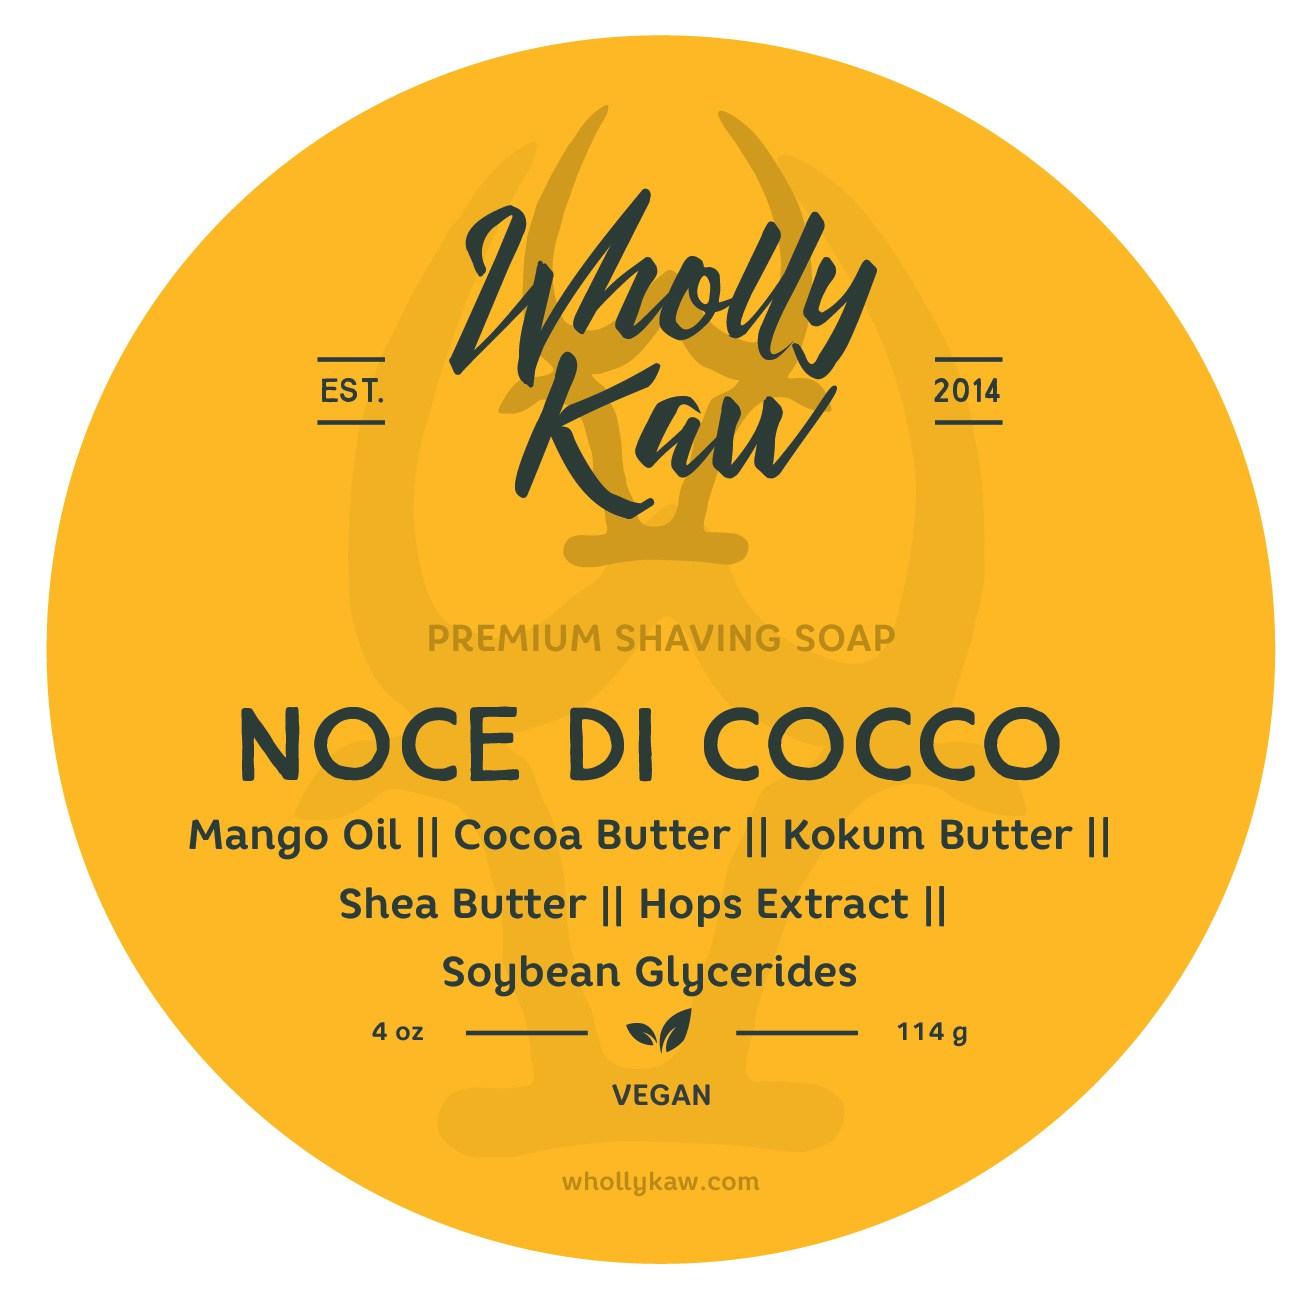 Wholly Kaw - Noce di Cocco - Soap (Vegan) image